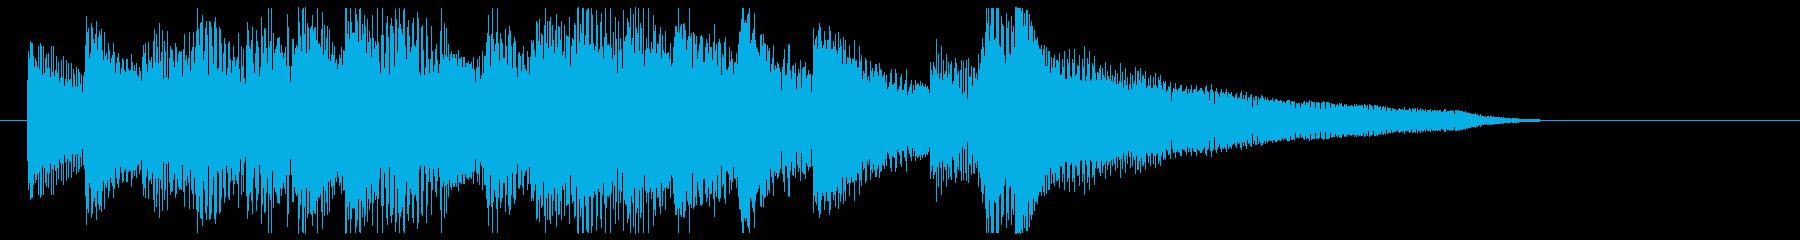 上品・なめらかなピアノジングルの再生済みの波形